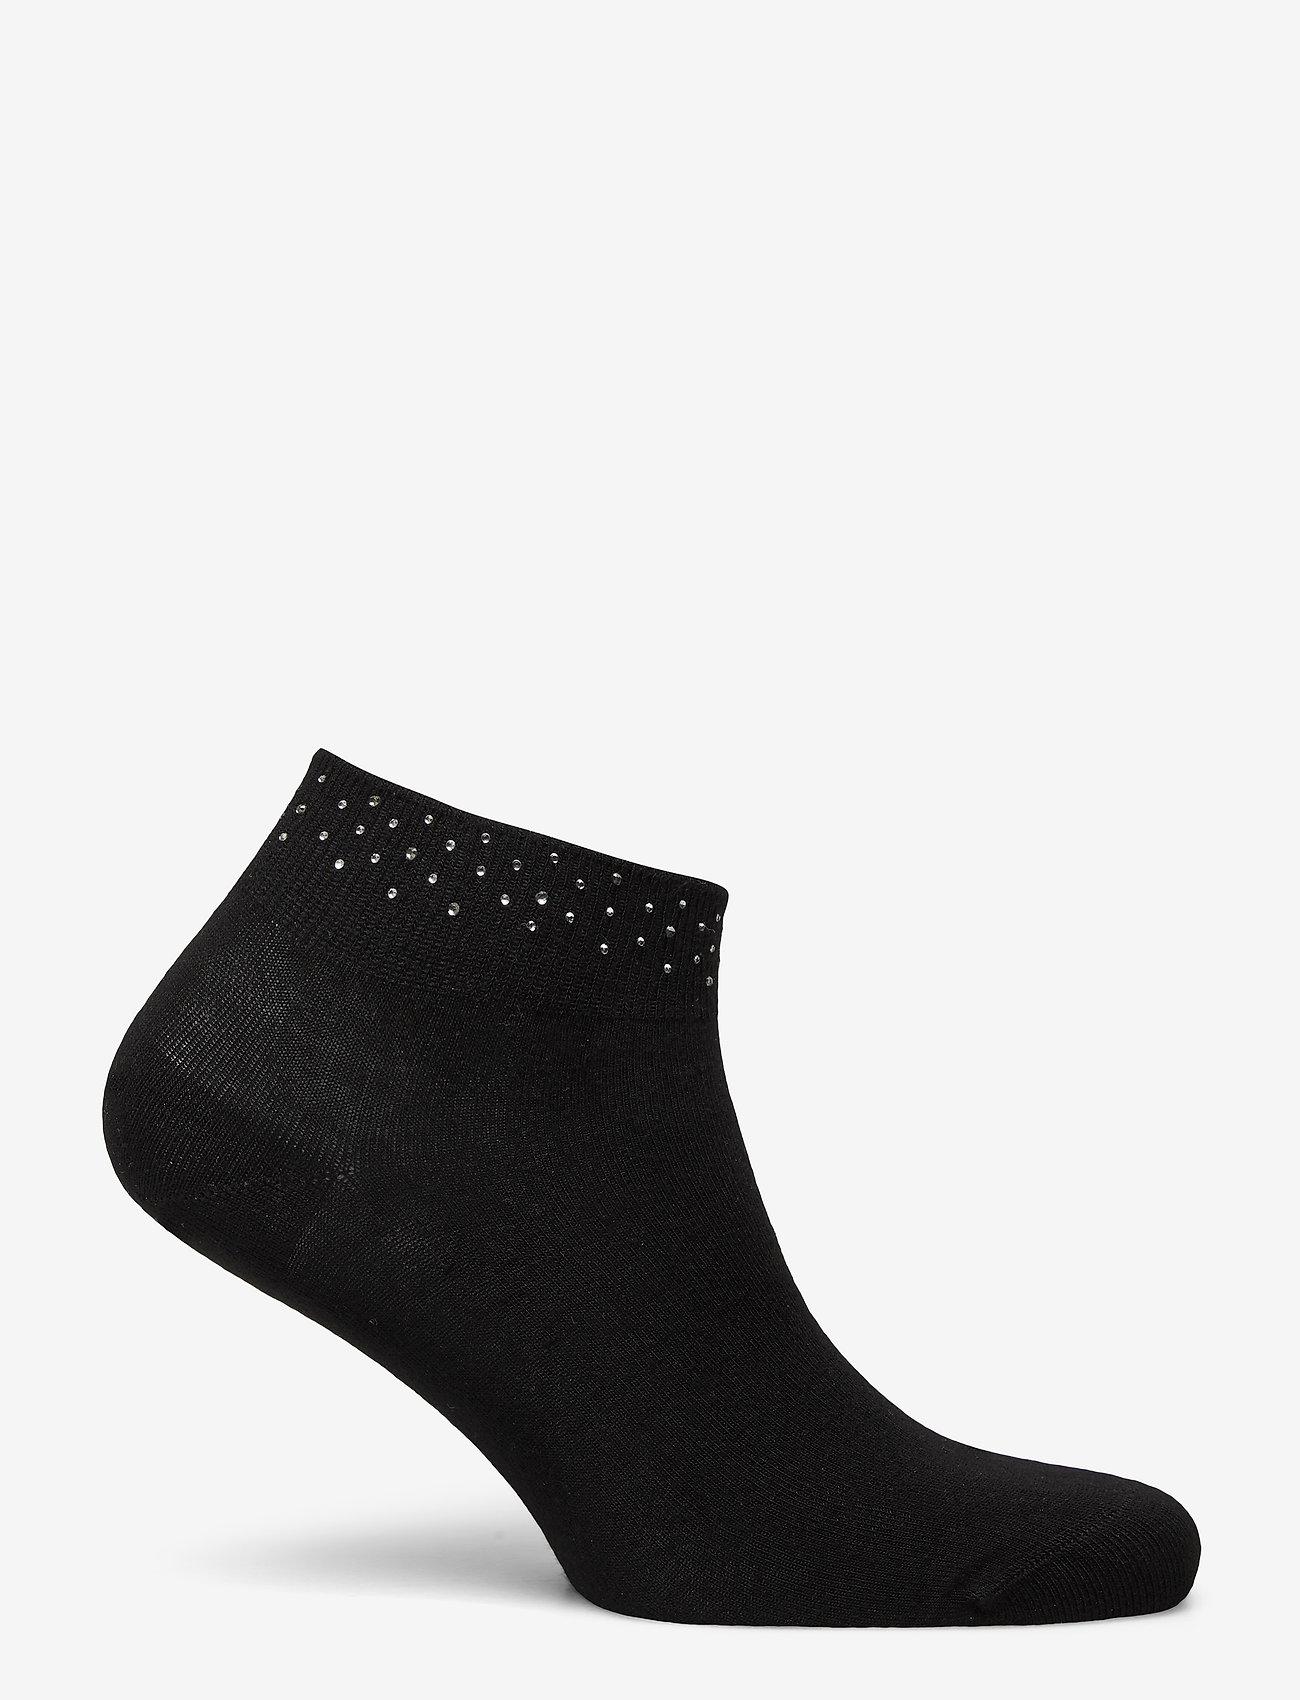 Vogue - Ladies anklesock, Anais Sneaker - sneakersokken - black - 1